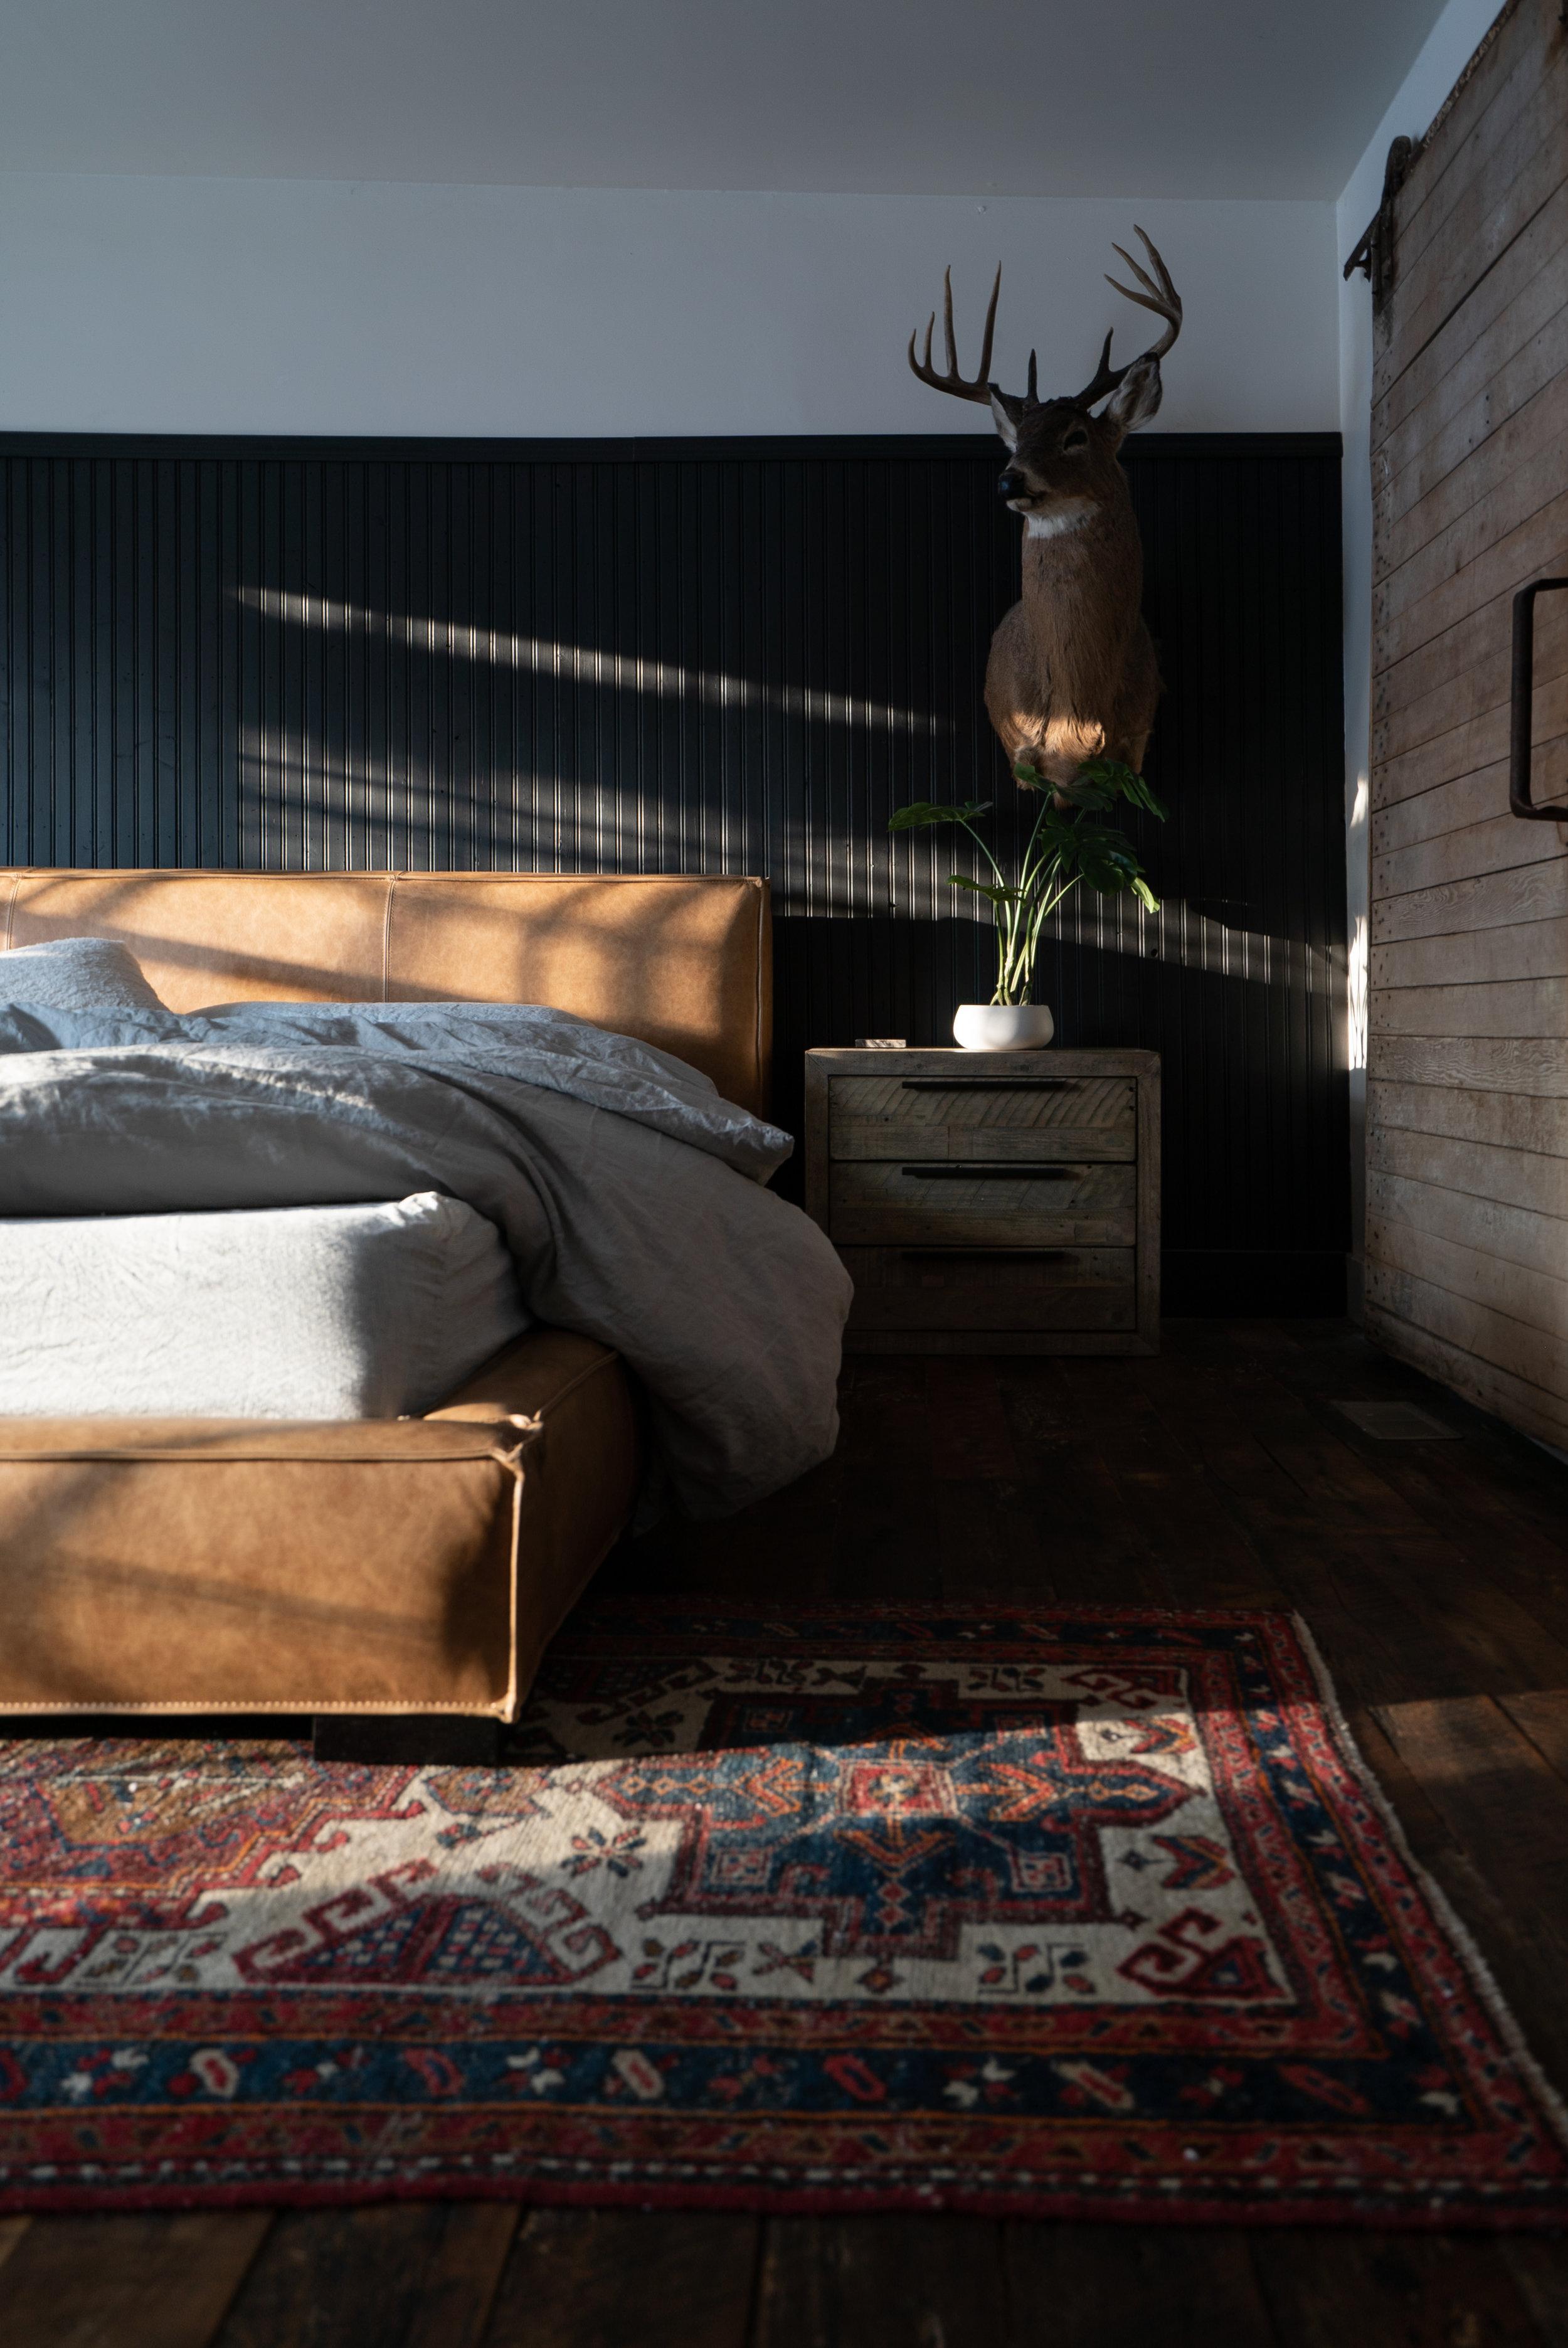 KF_Bed pulled back_lighter mood-07830.jpg